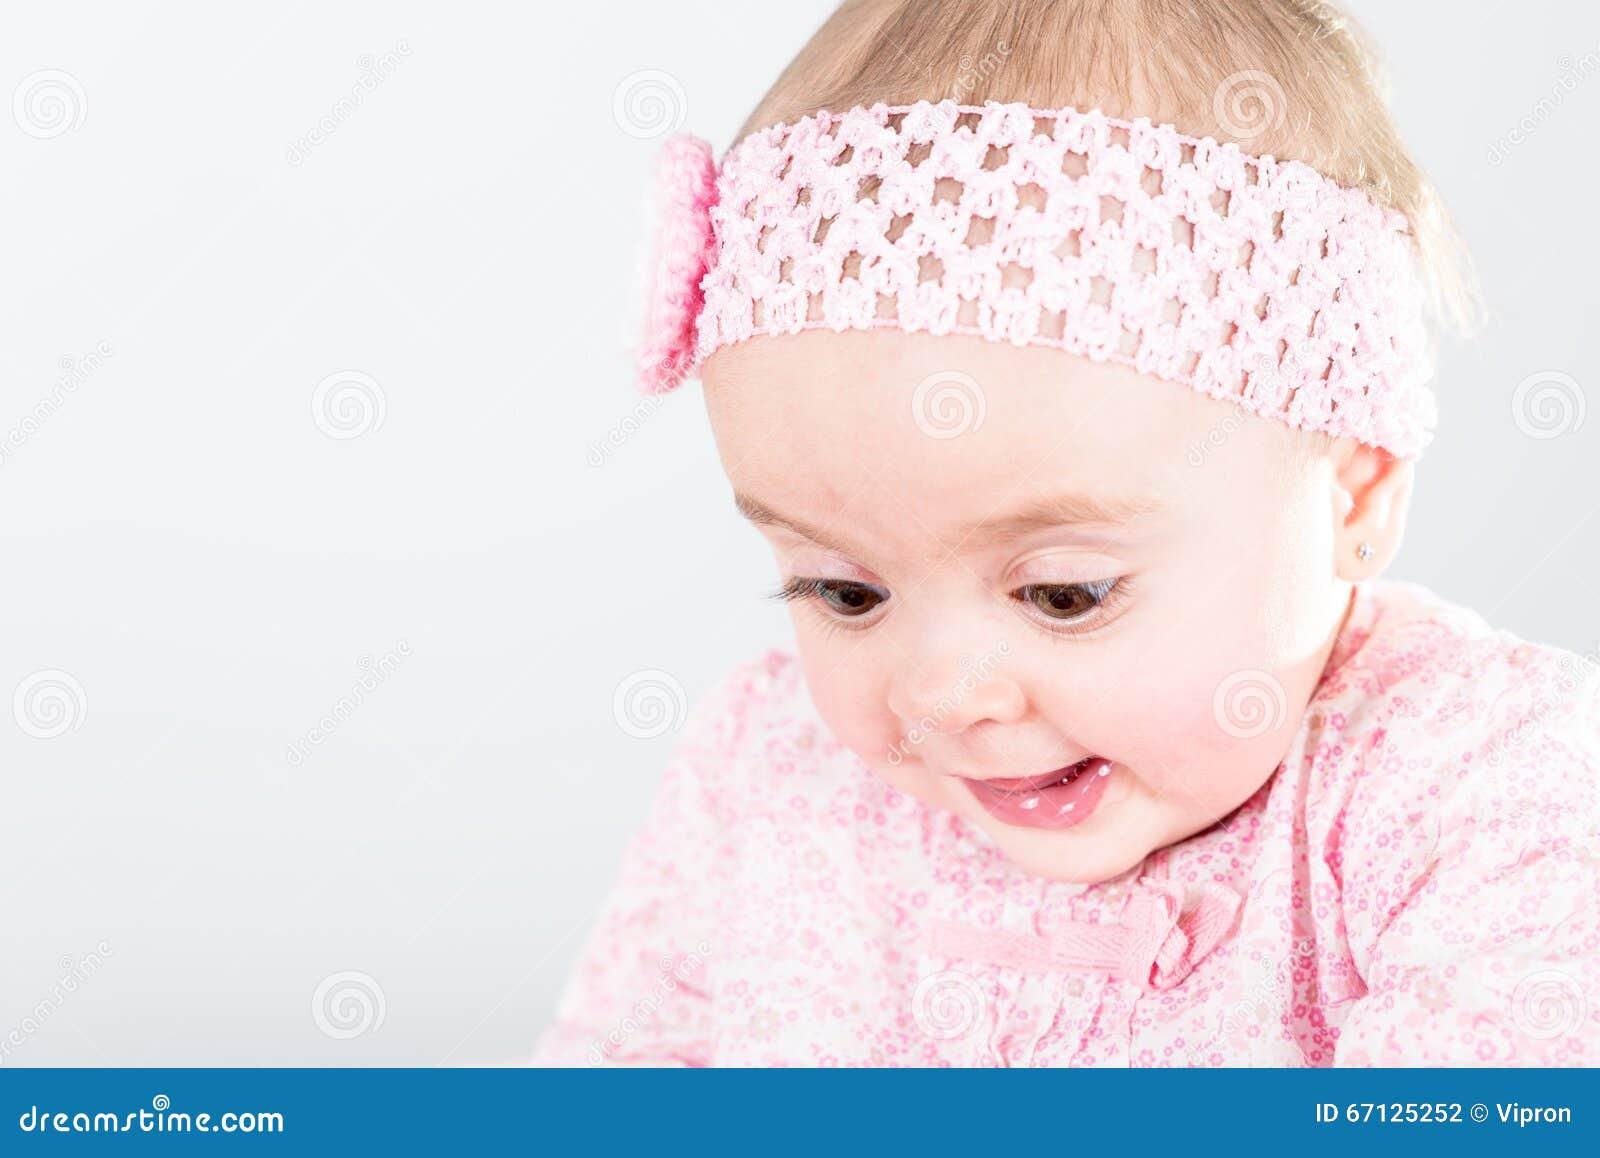 Retrato do bebê do bebê de um ano que está sendo surpreendido de sua descoberta